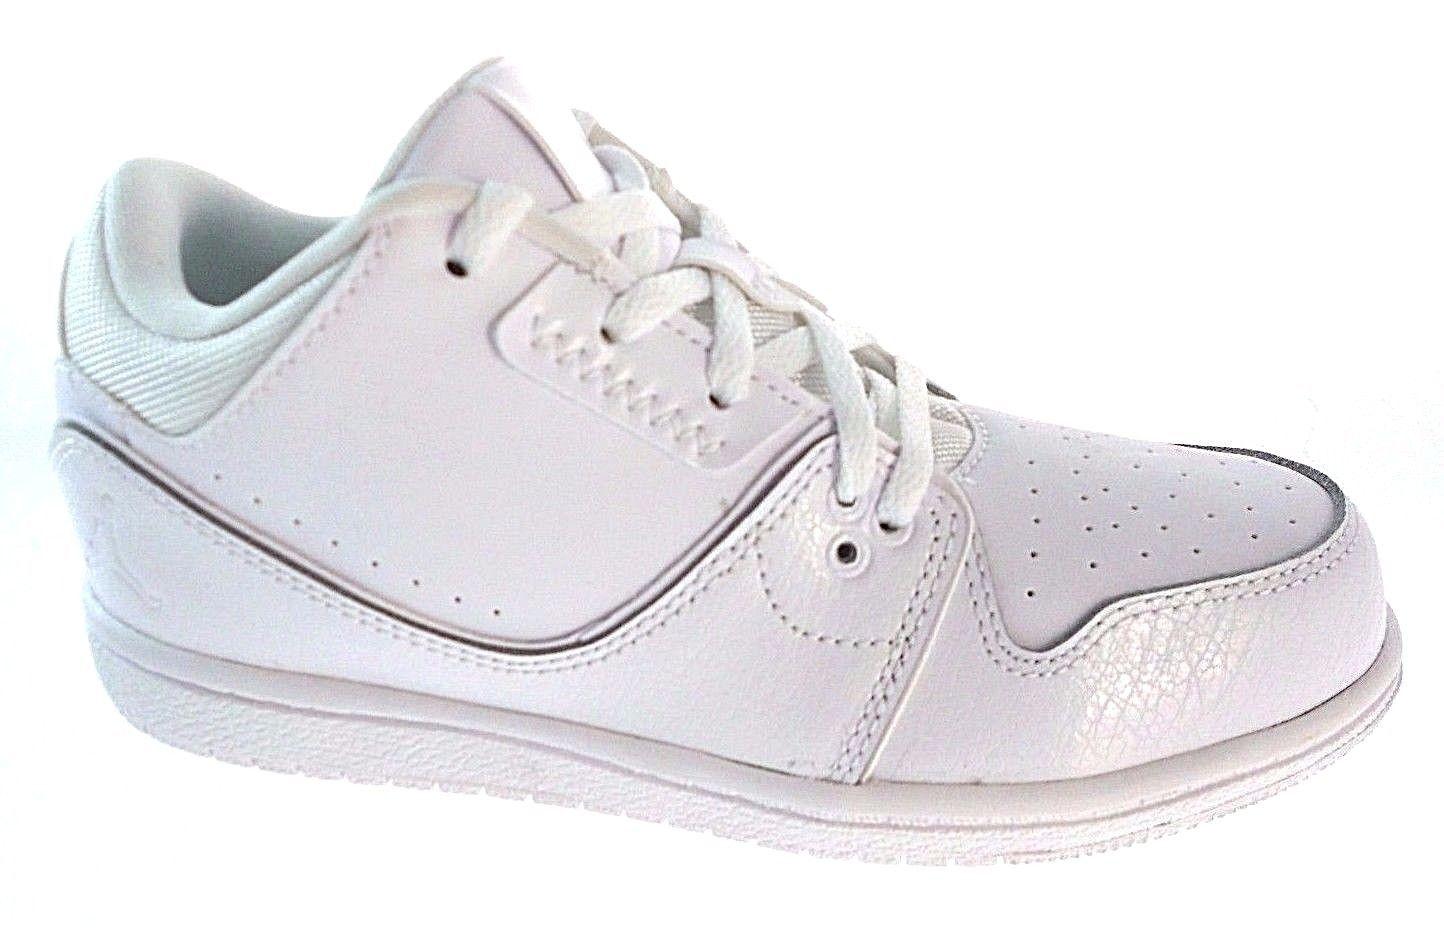 huge discount 8f617 c3d78 Nike Jordan 1 Flight 2 Low Bp White Kids and 50 similar items. S l1600